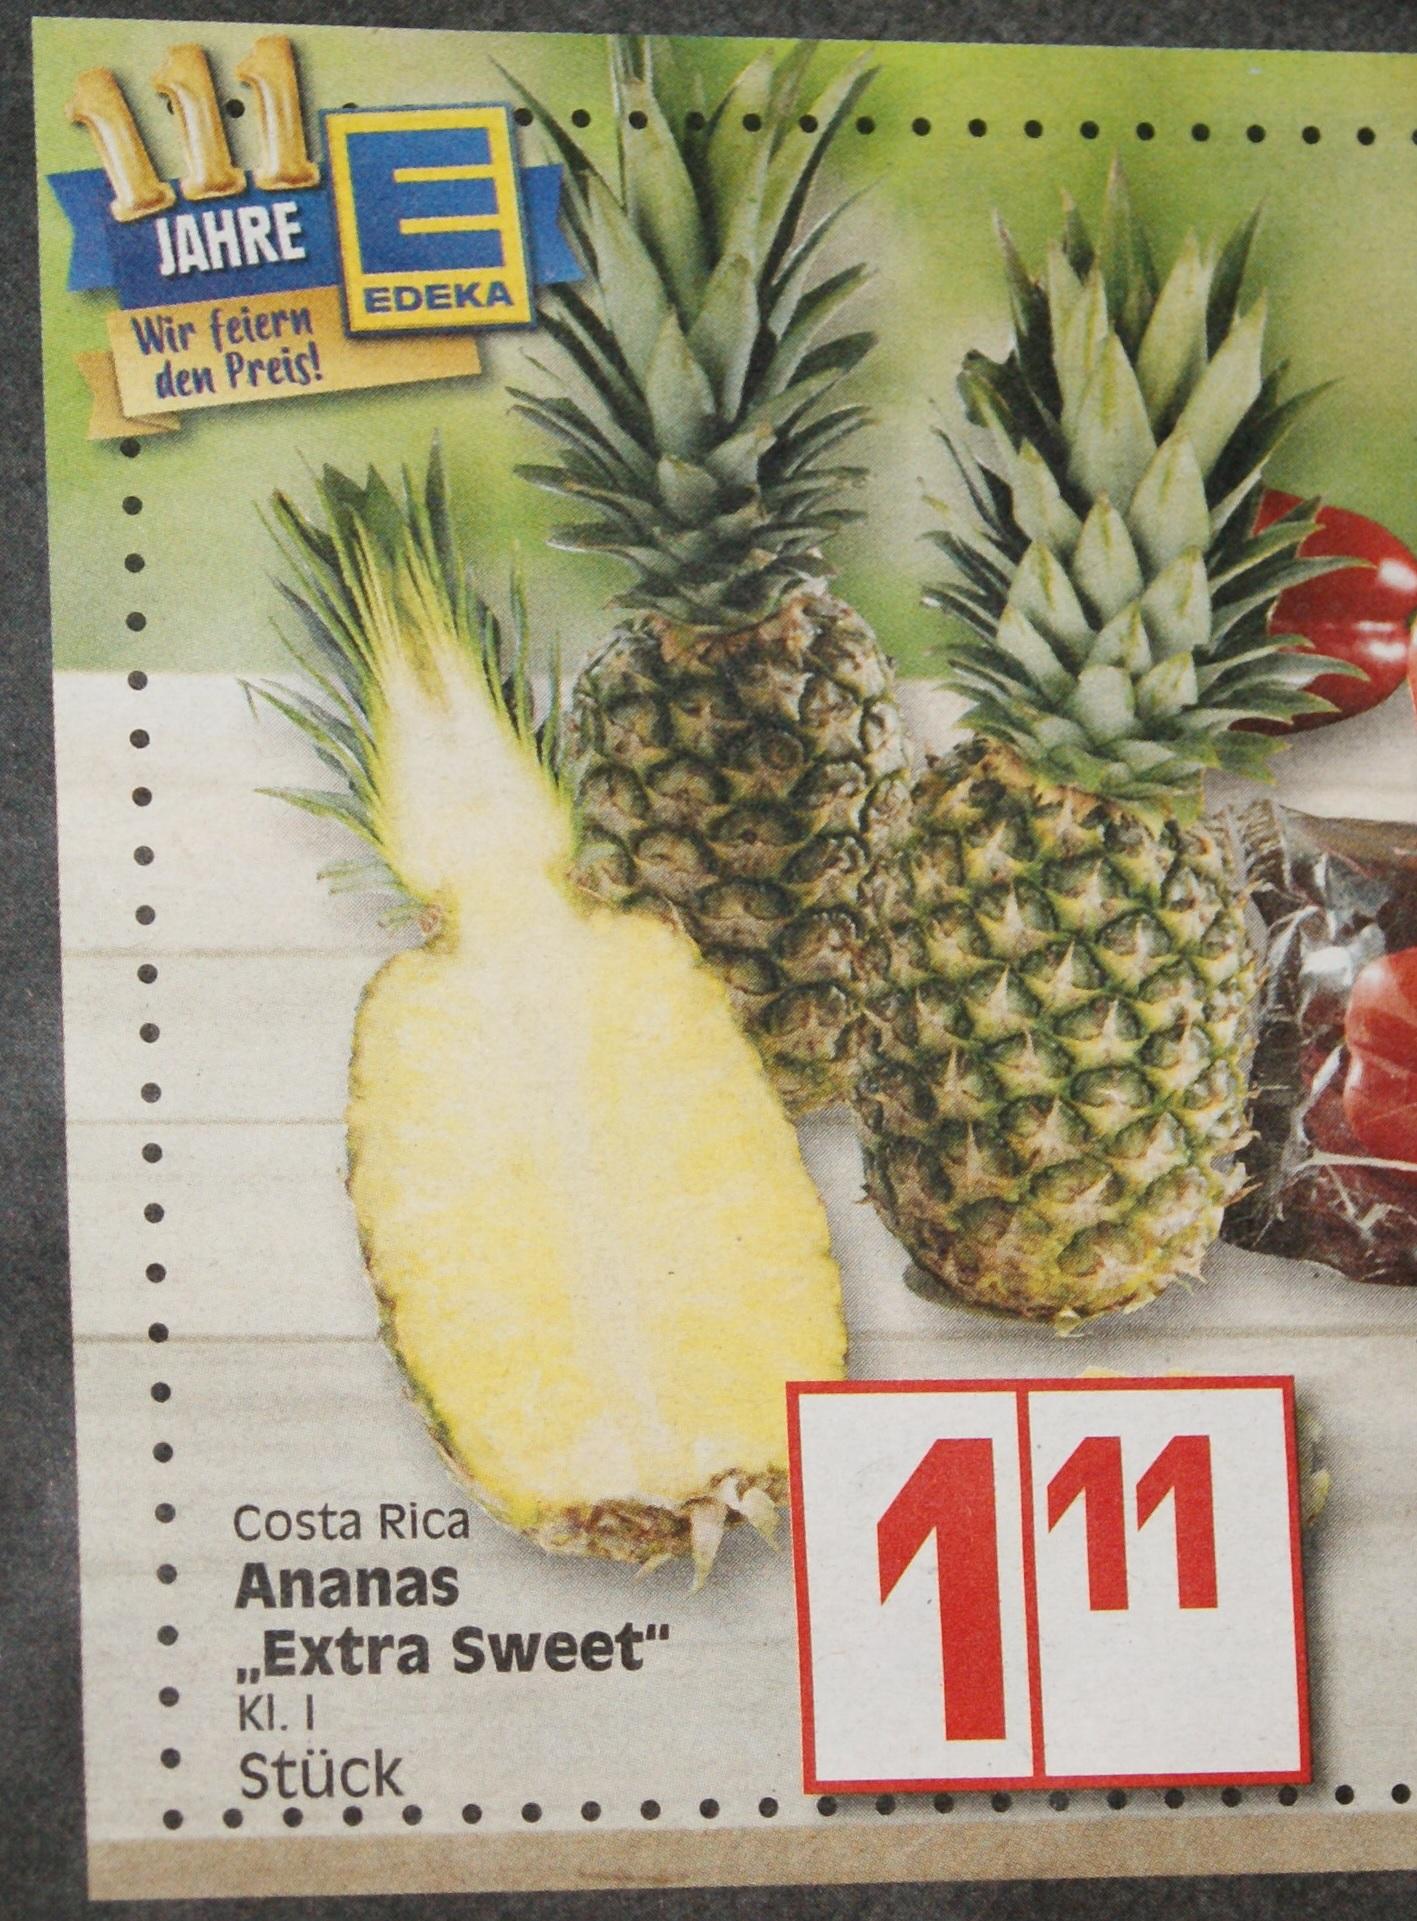 Ananas für 1,11€ bei Edeka ab 16.4.